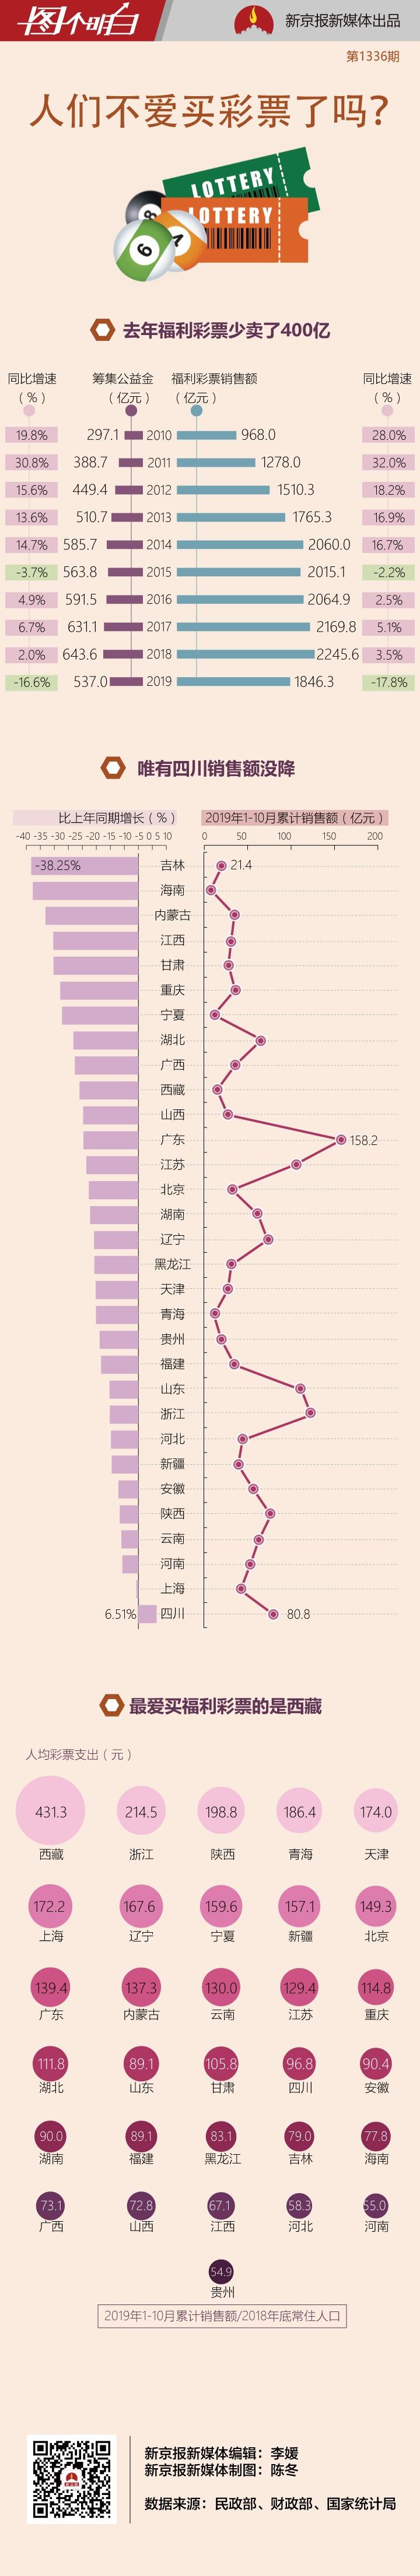 """央行货币政策报告点评:保持政策定力重视""""宽信用"""""""